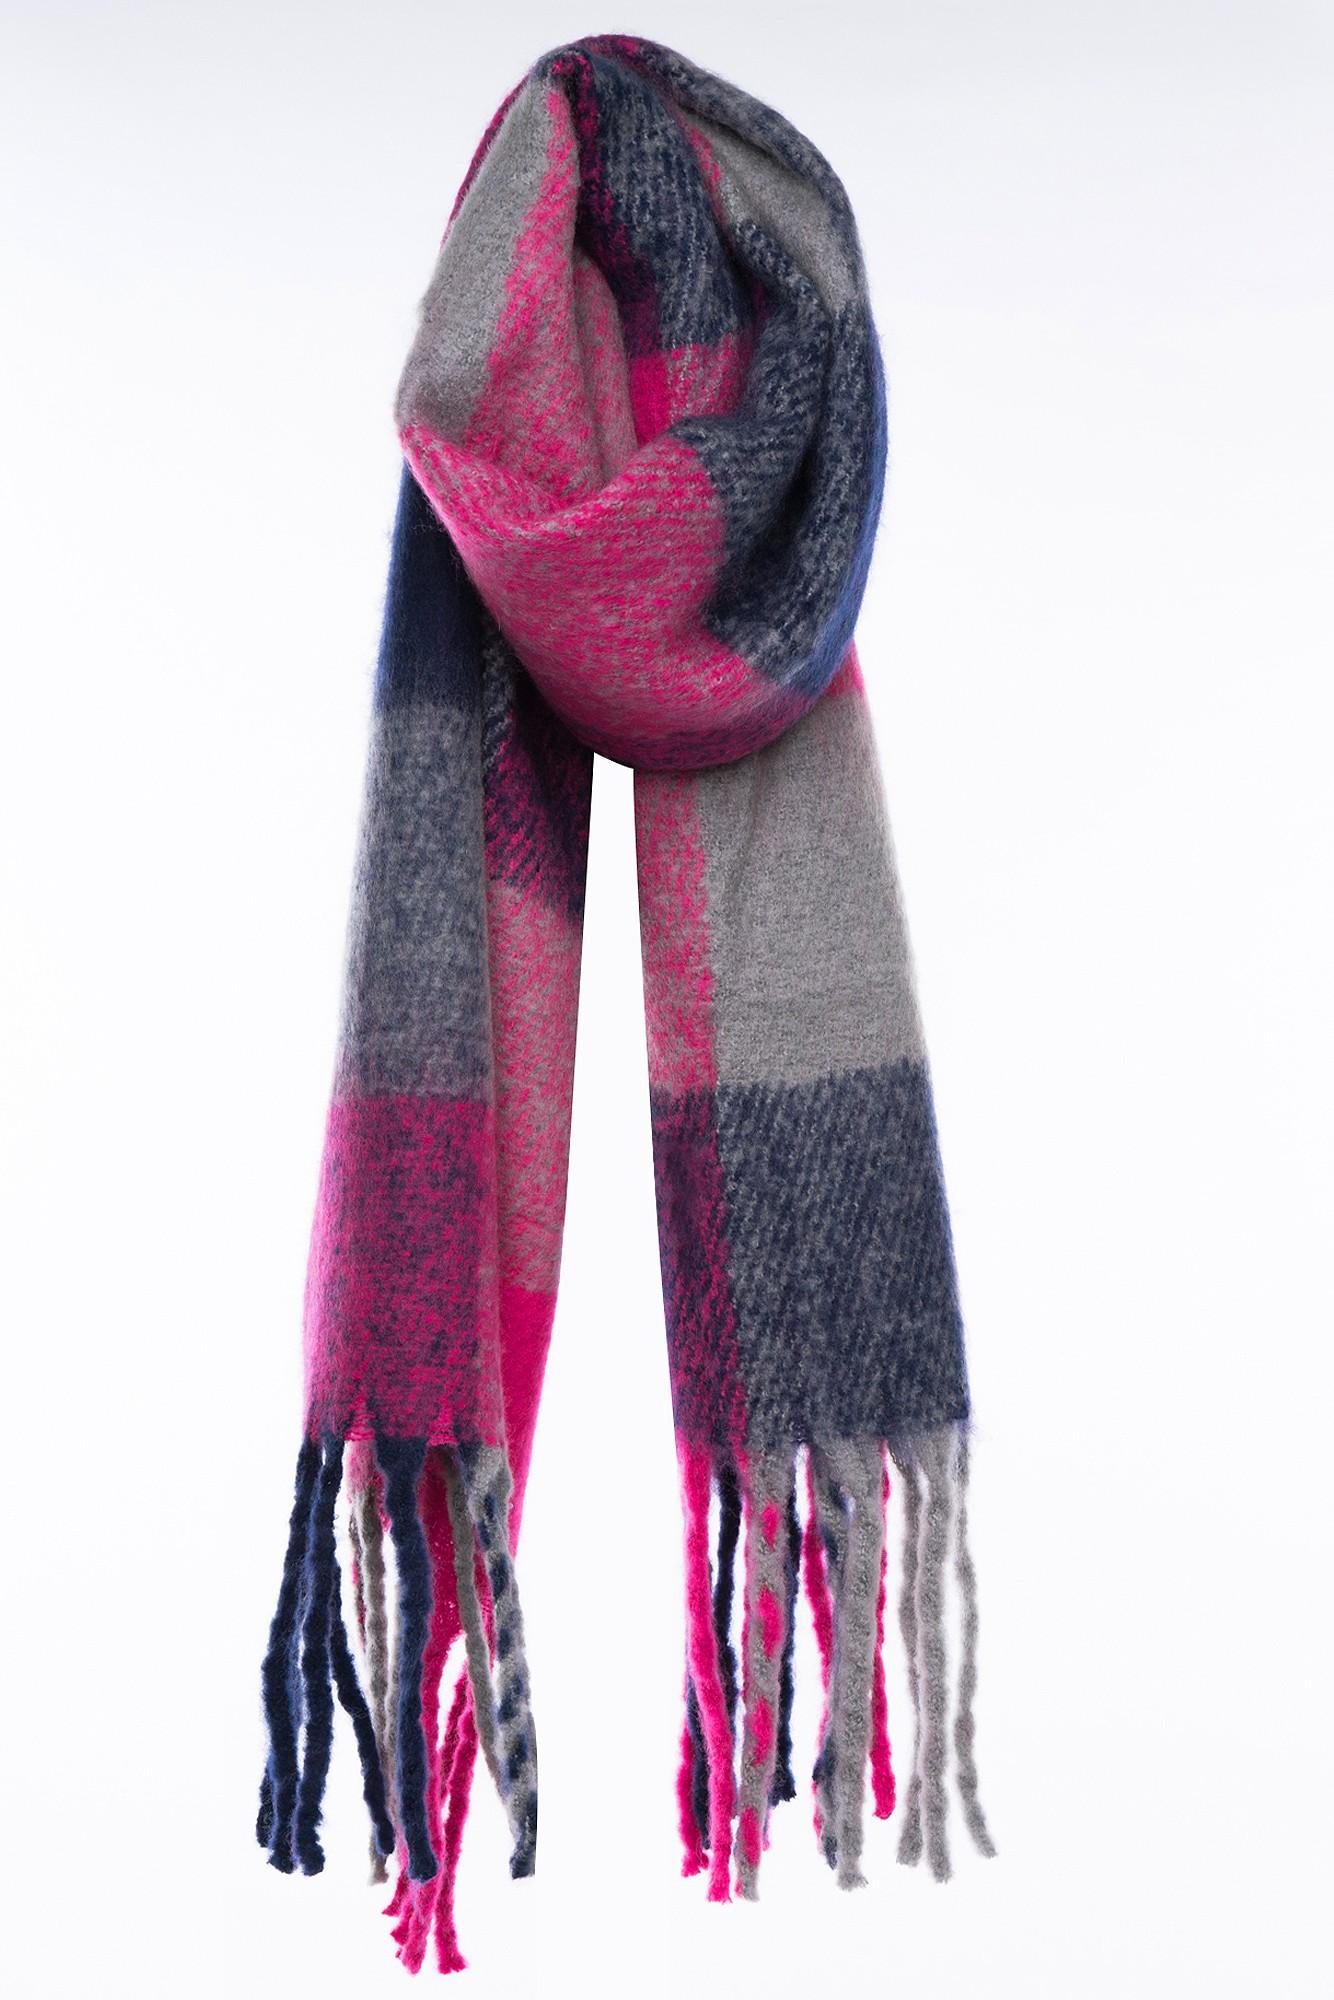 Esarfa calduroasa din lana in carouri multicolore cu franjuri